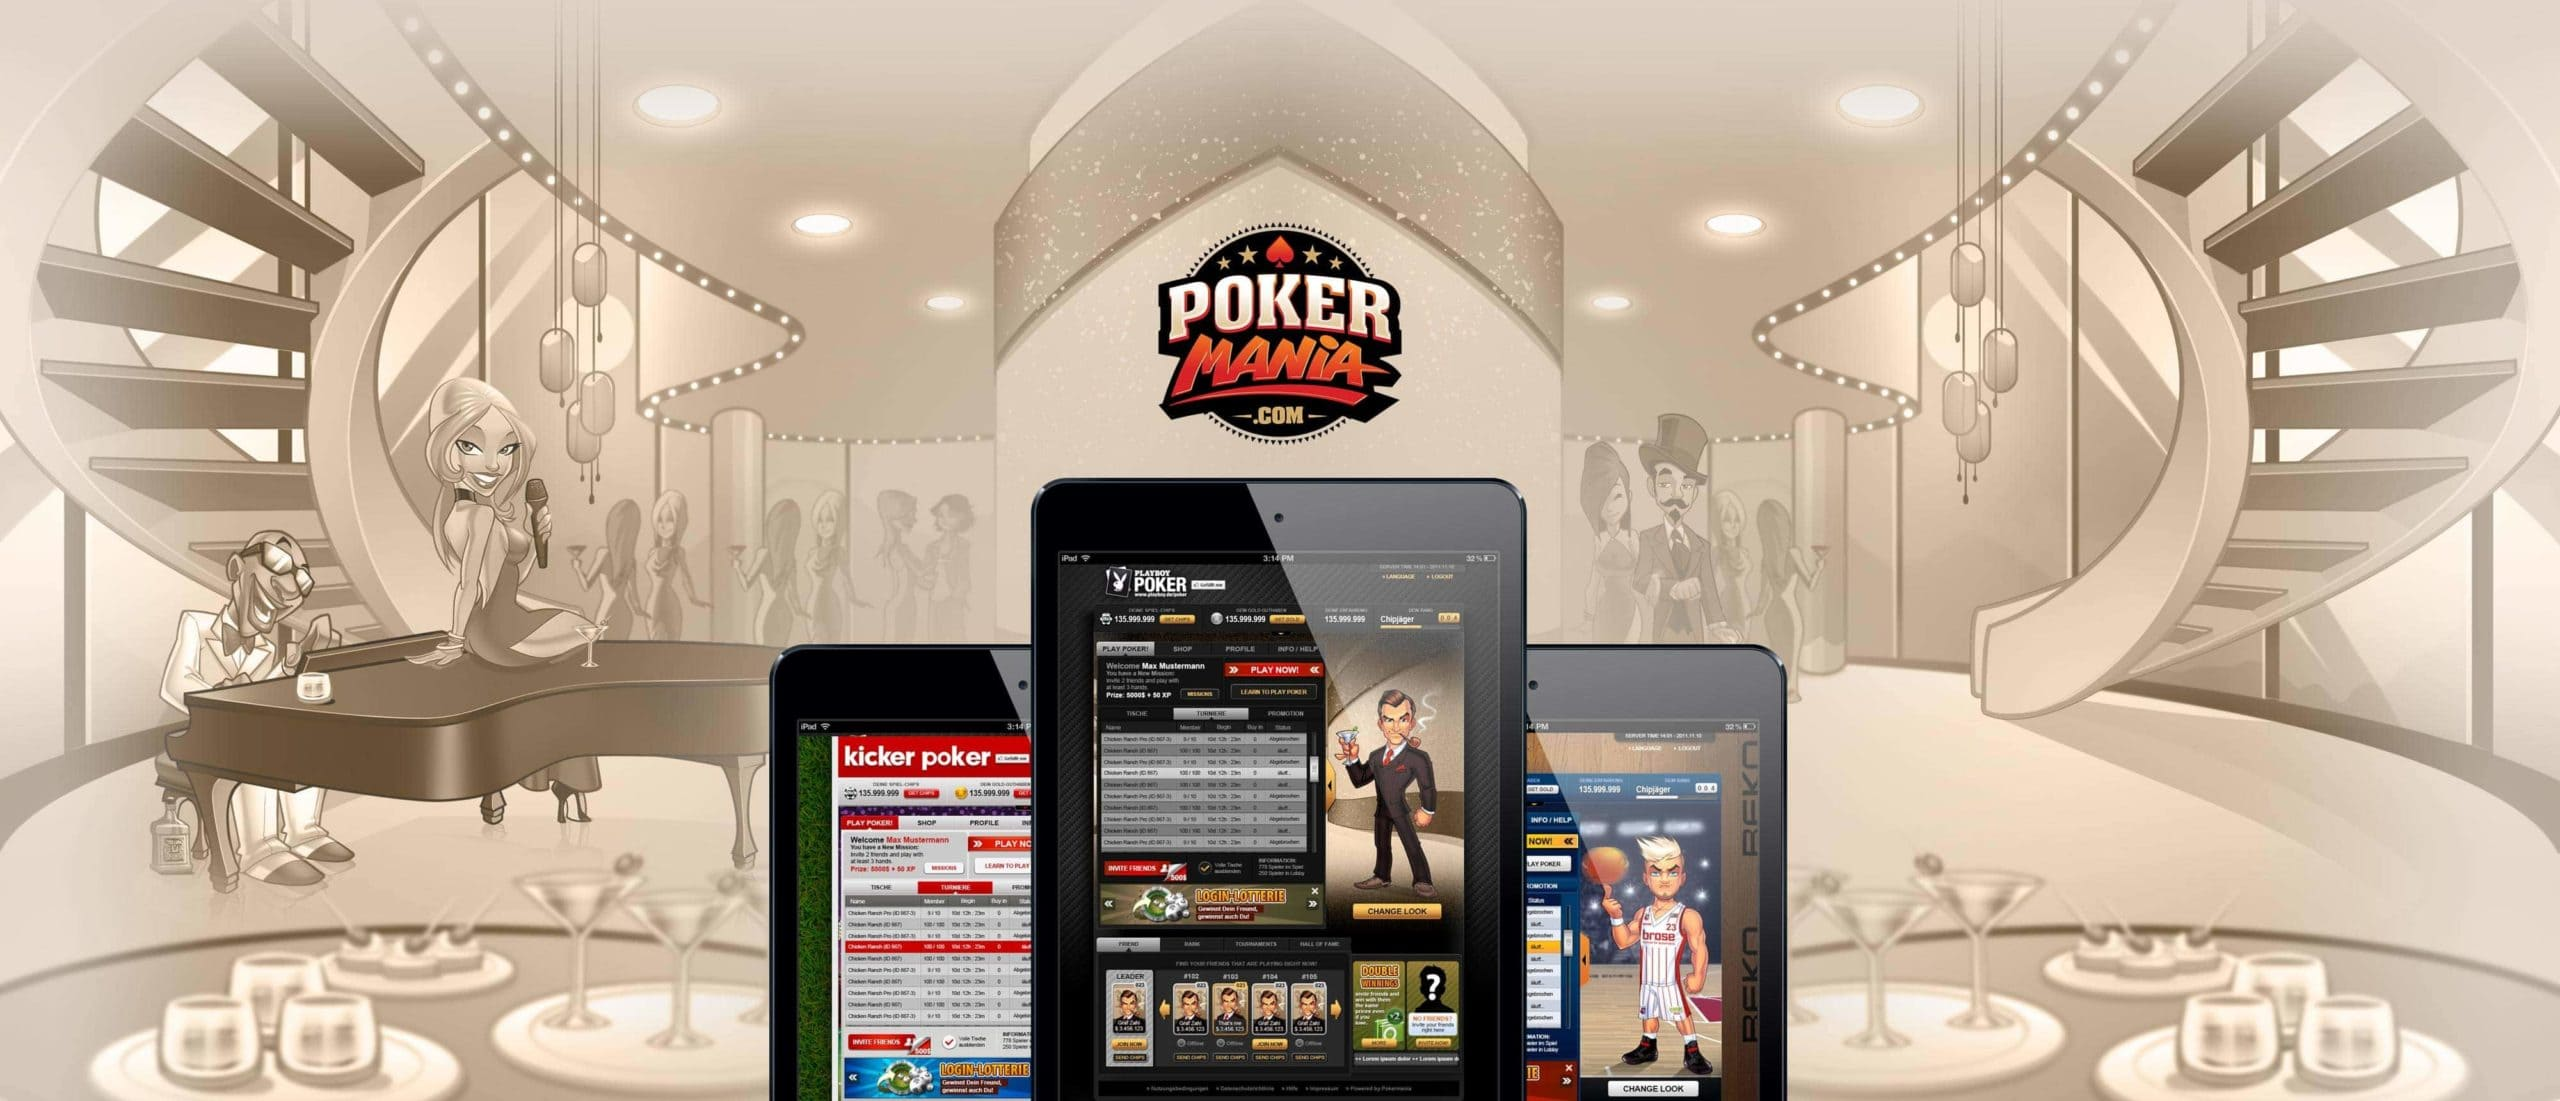 poker game illustration